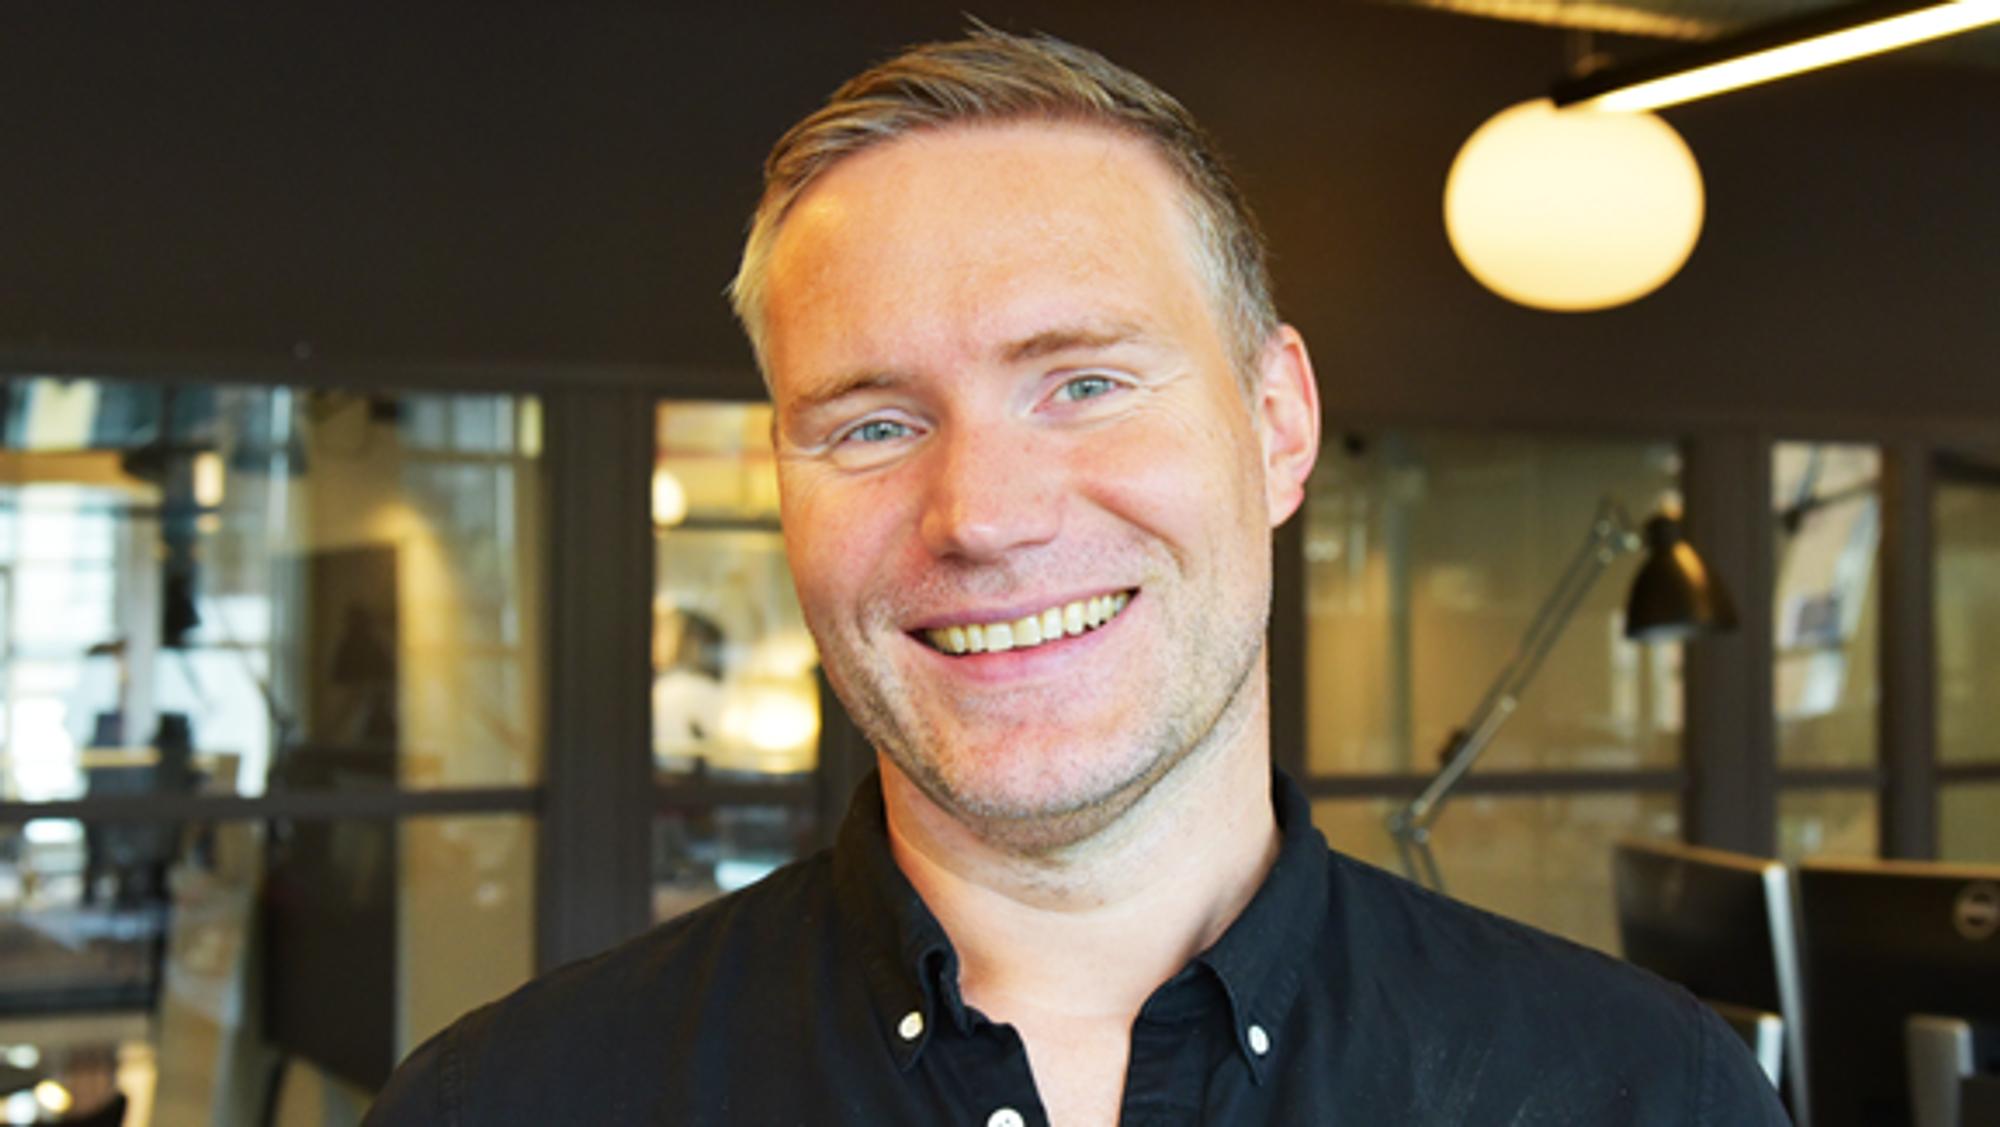 Jostein Kornes starter i den nye jobben 1. juli.